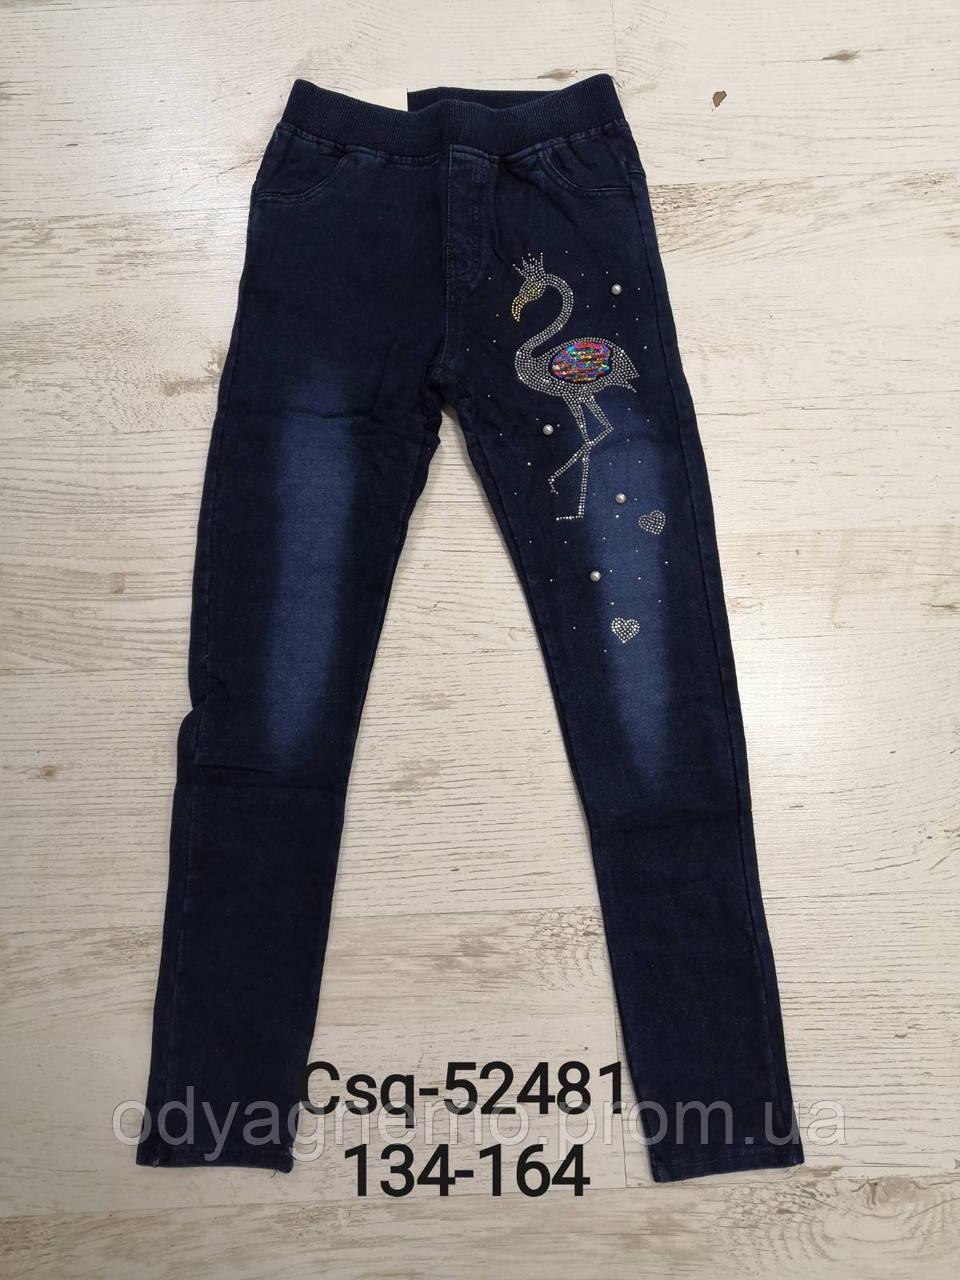 Лосини з імітацією джинси утеплені для дівчаток Seagull, 134-164 рр. Артикул: CSQ52481